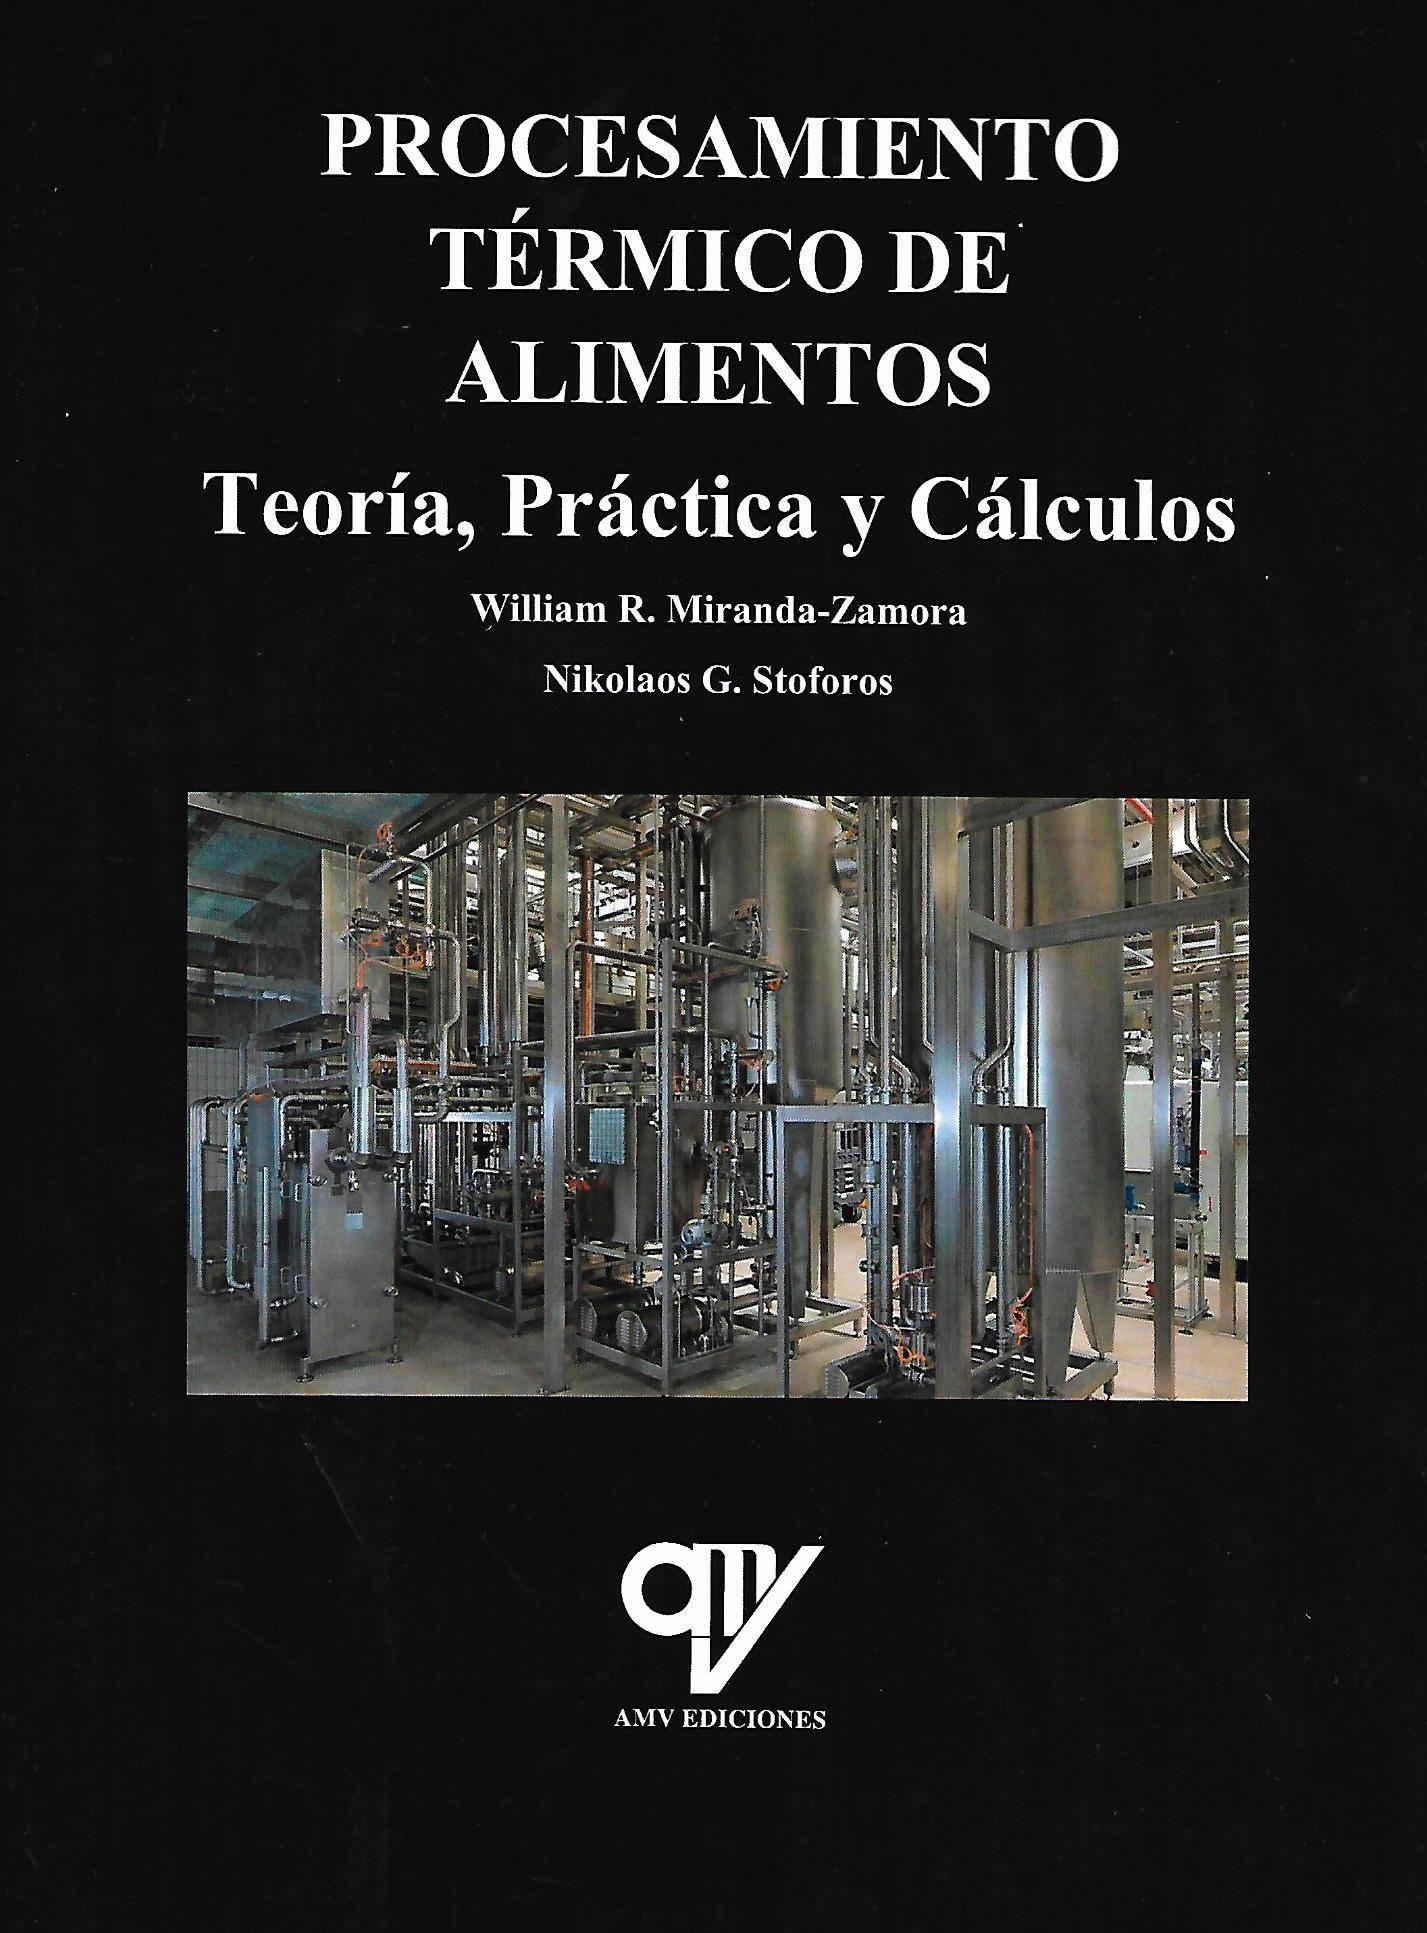 Procesamiento Termico De Alimentos: Teoria, Practica Y Calculos por William R. Miranda-zamora;                                                                                    Nikolaos G. Stoforos epub